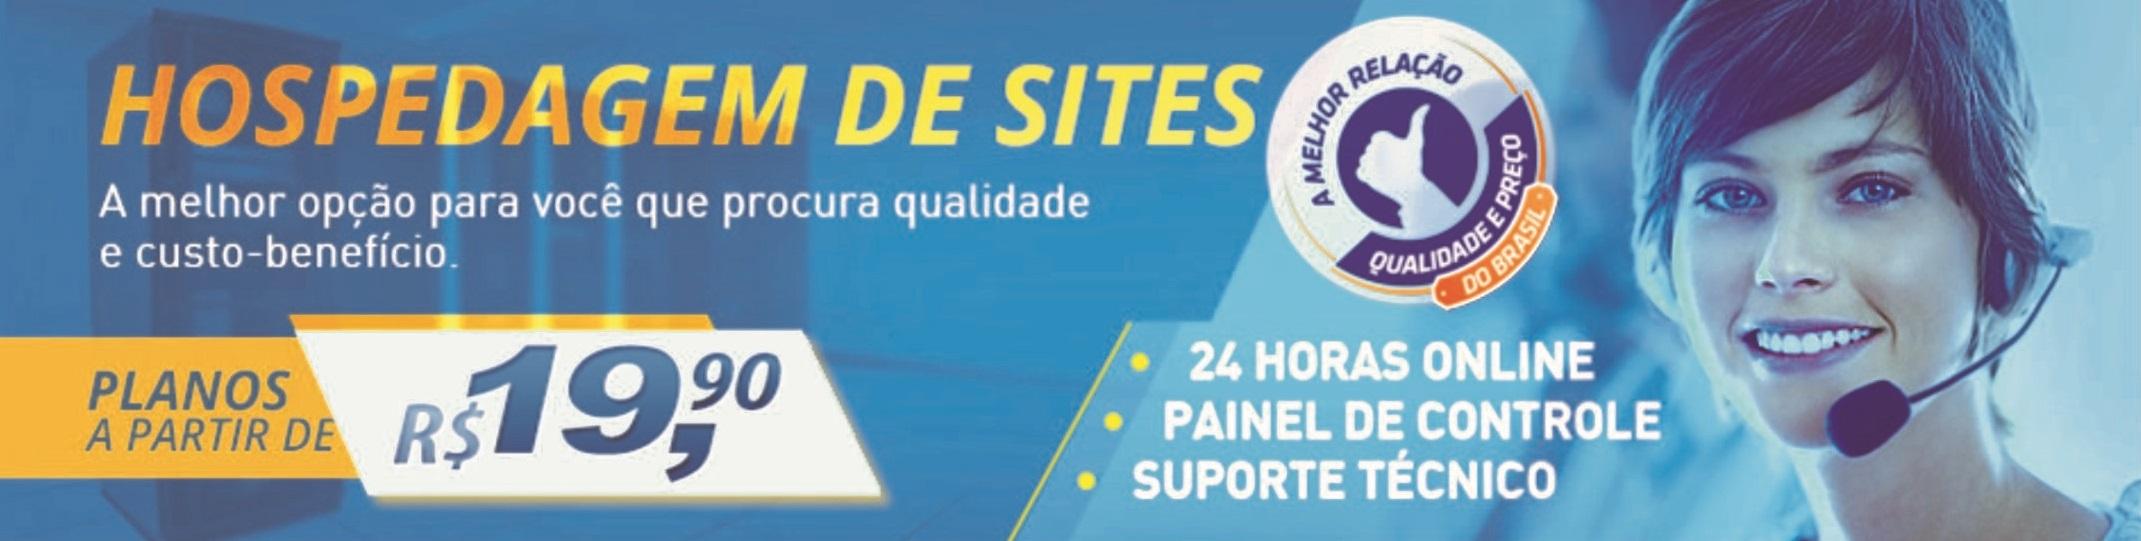 banner_hospedagem